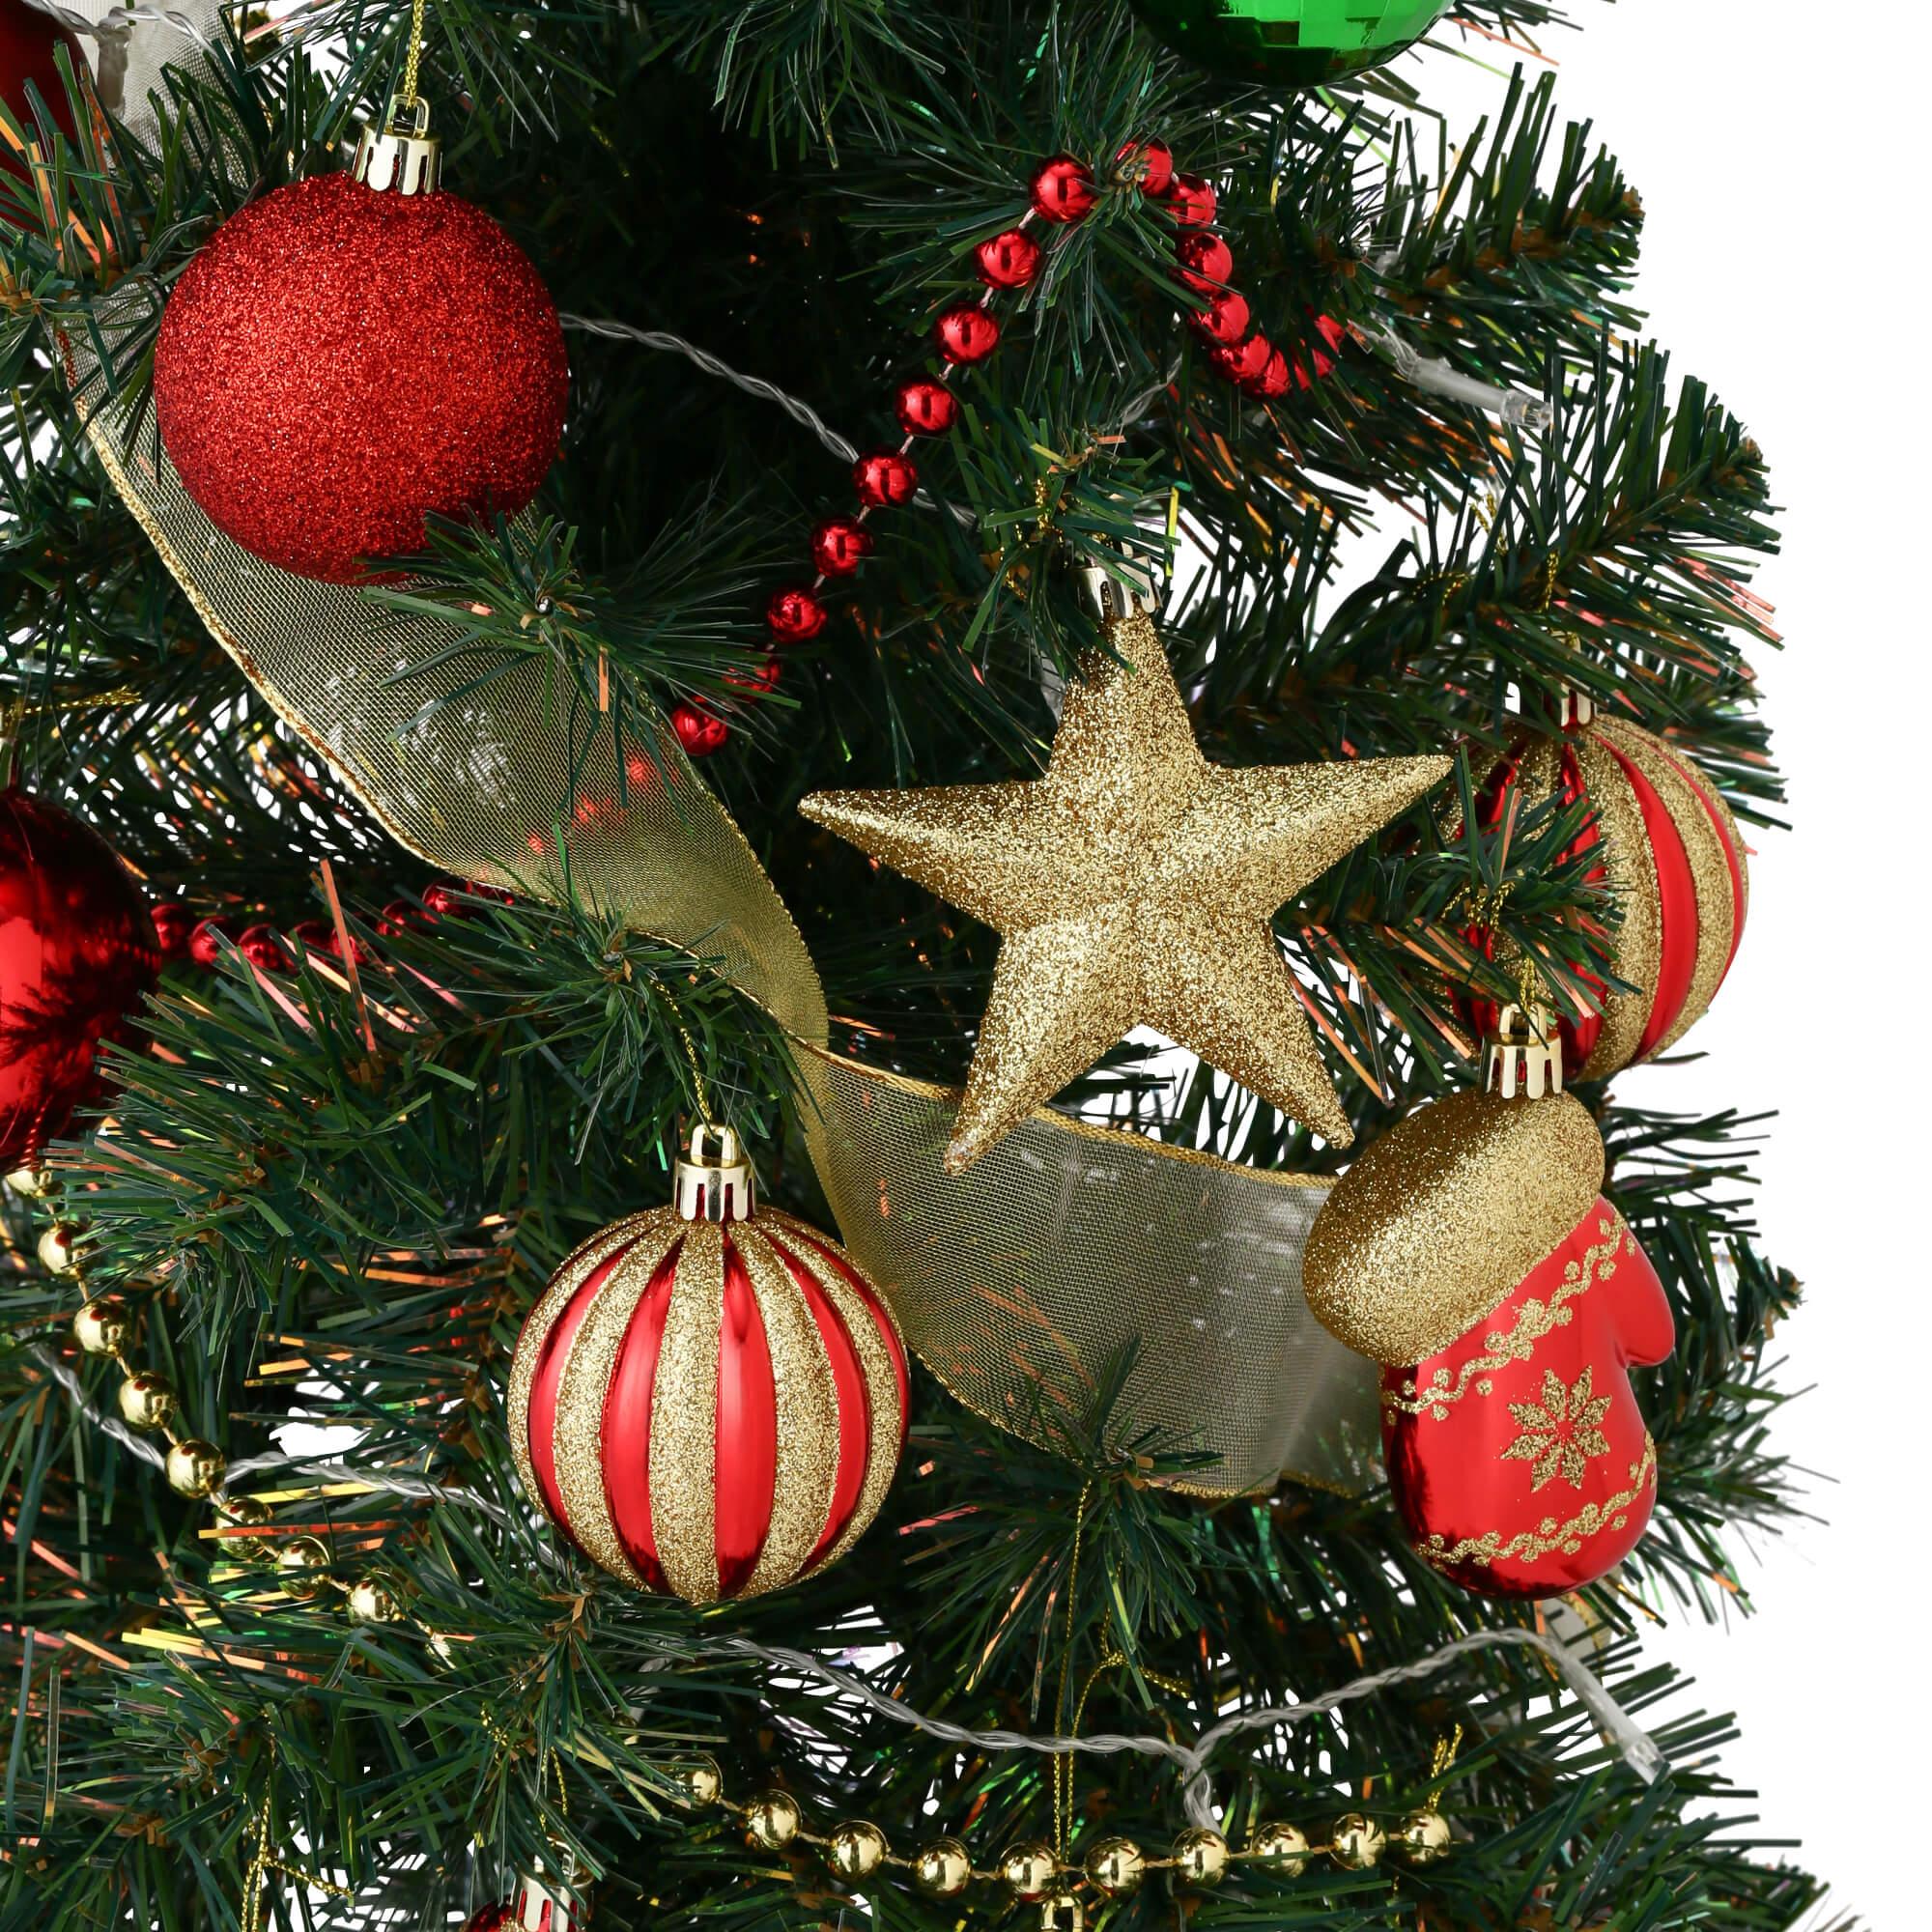 クリスマスツリー スターターセット 150cm グリーンのオーナメント